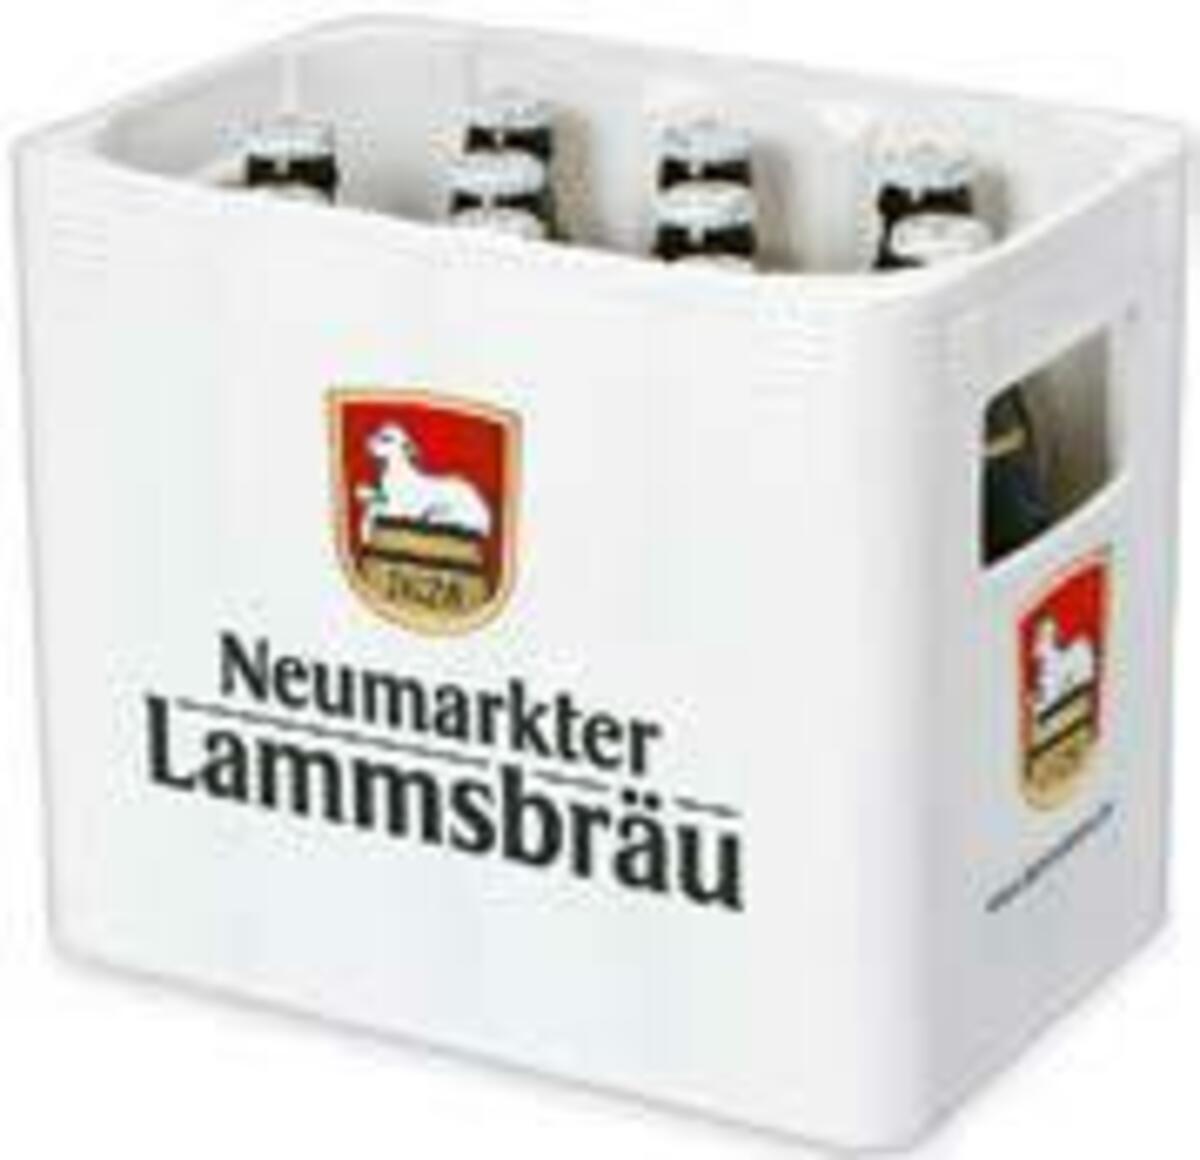 Bild 3 von Bioland Neumarkter Lammsbräu